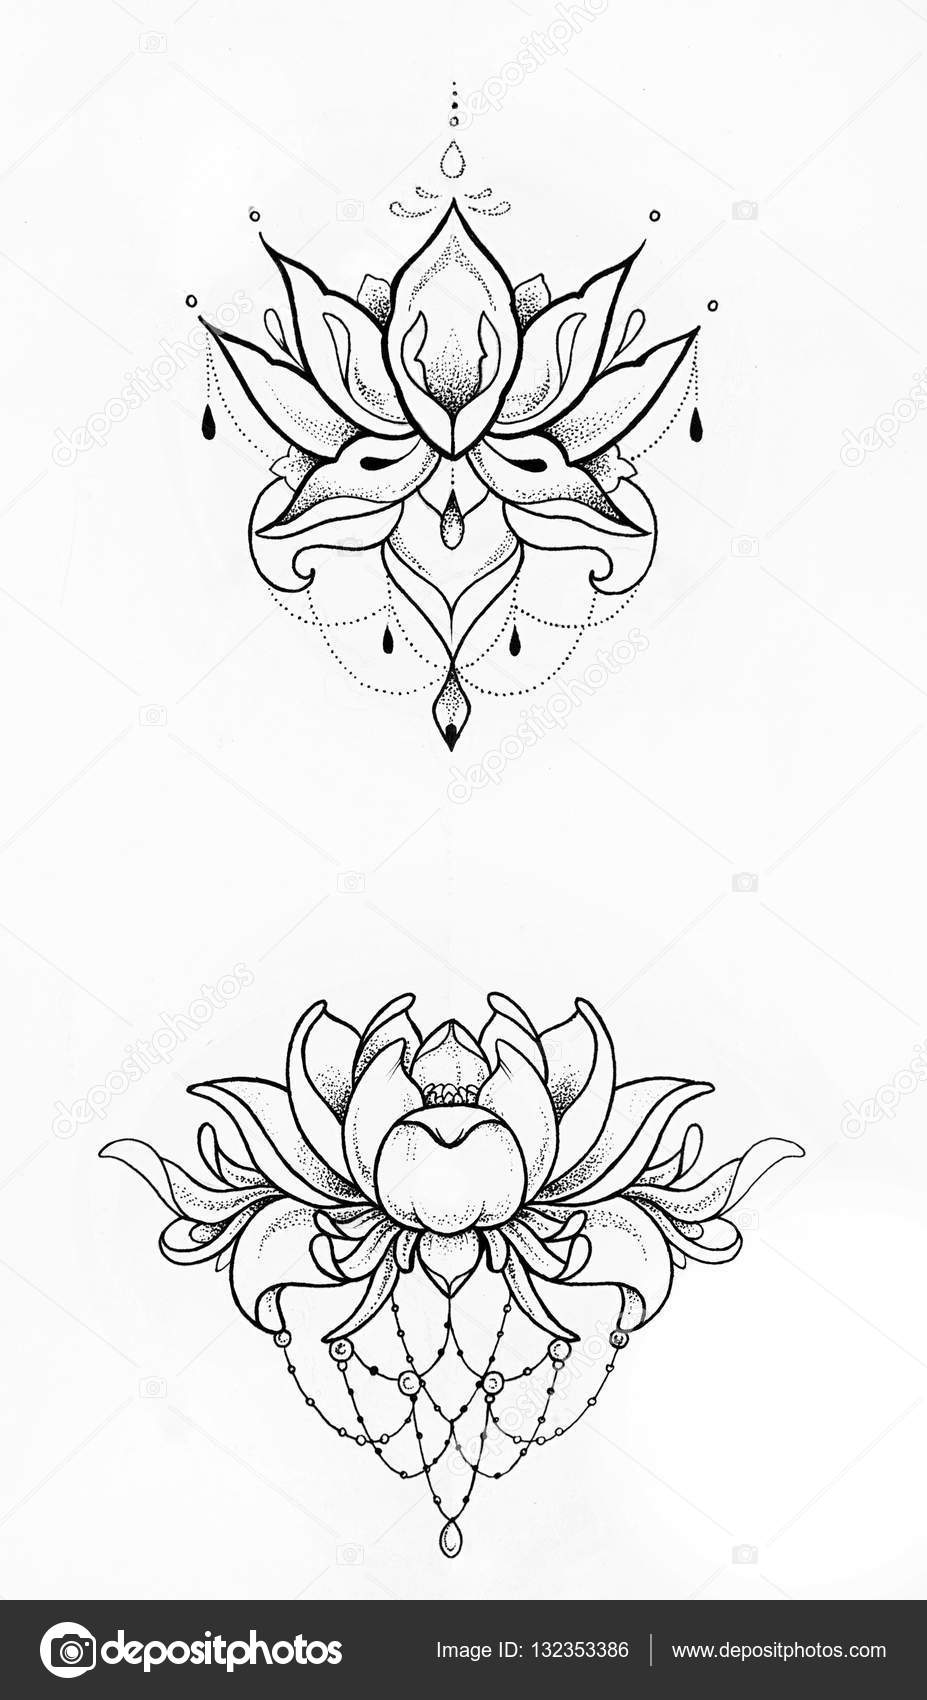 Imágenes Loto Dibujo Dibujo De Una Flor De Loto Sobre Fondo